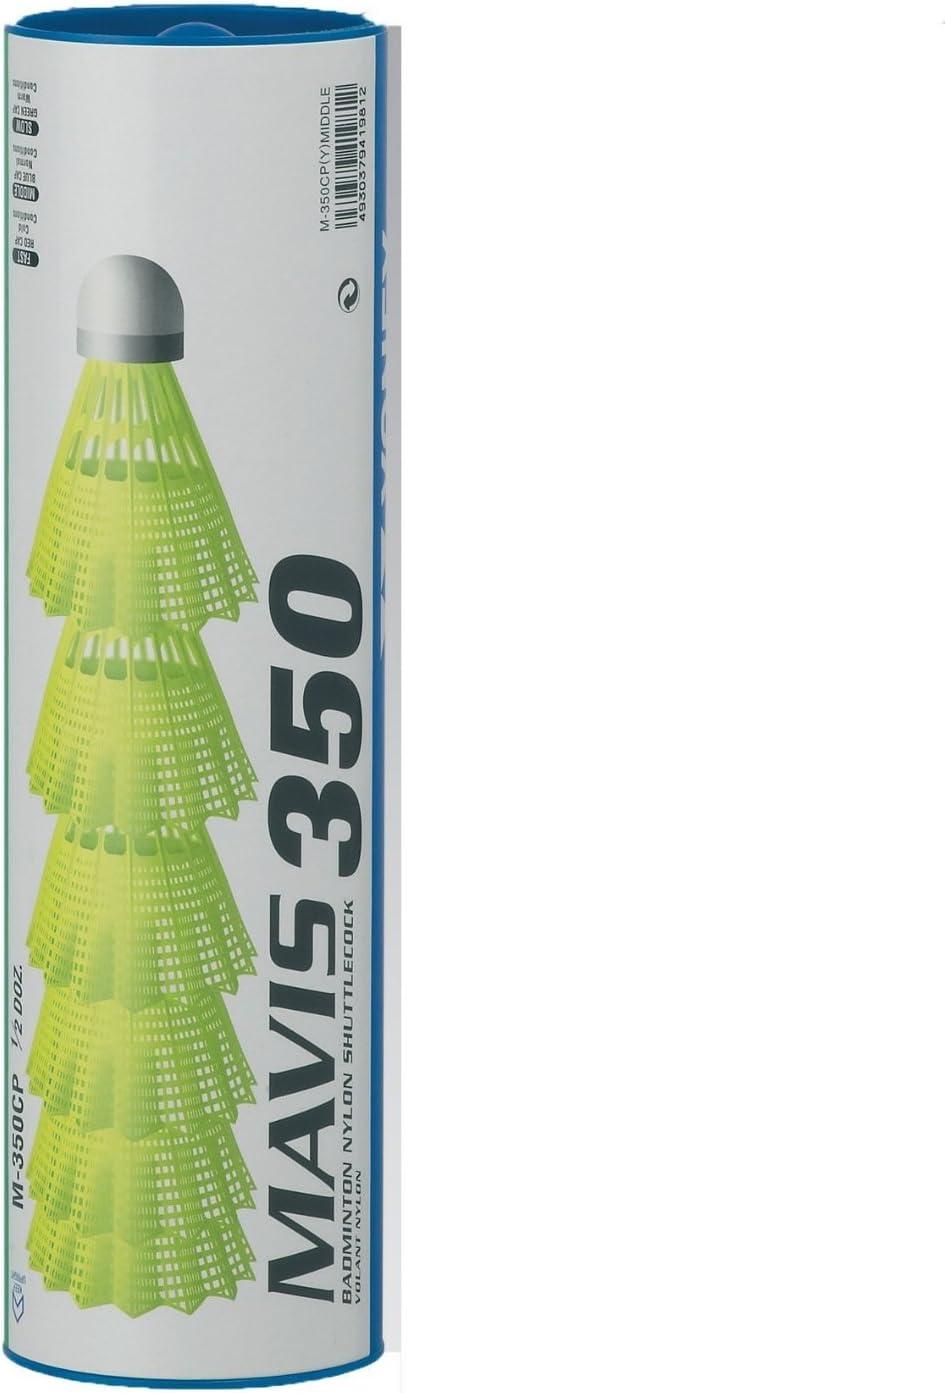 YONEX Mavis 350 Plastic Shuttlecocks (Pkg of 4 Tubes (24 pcs) -